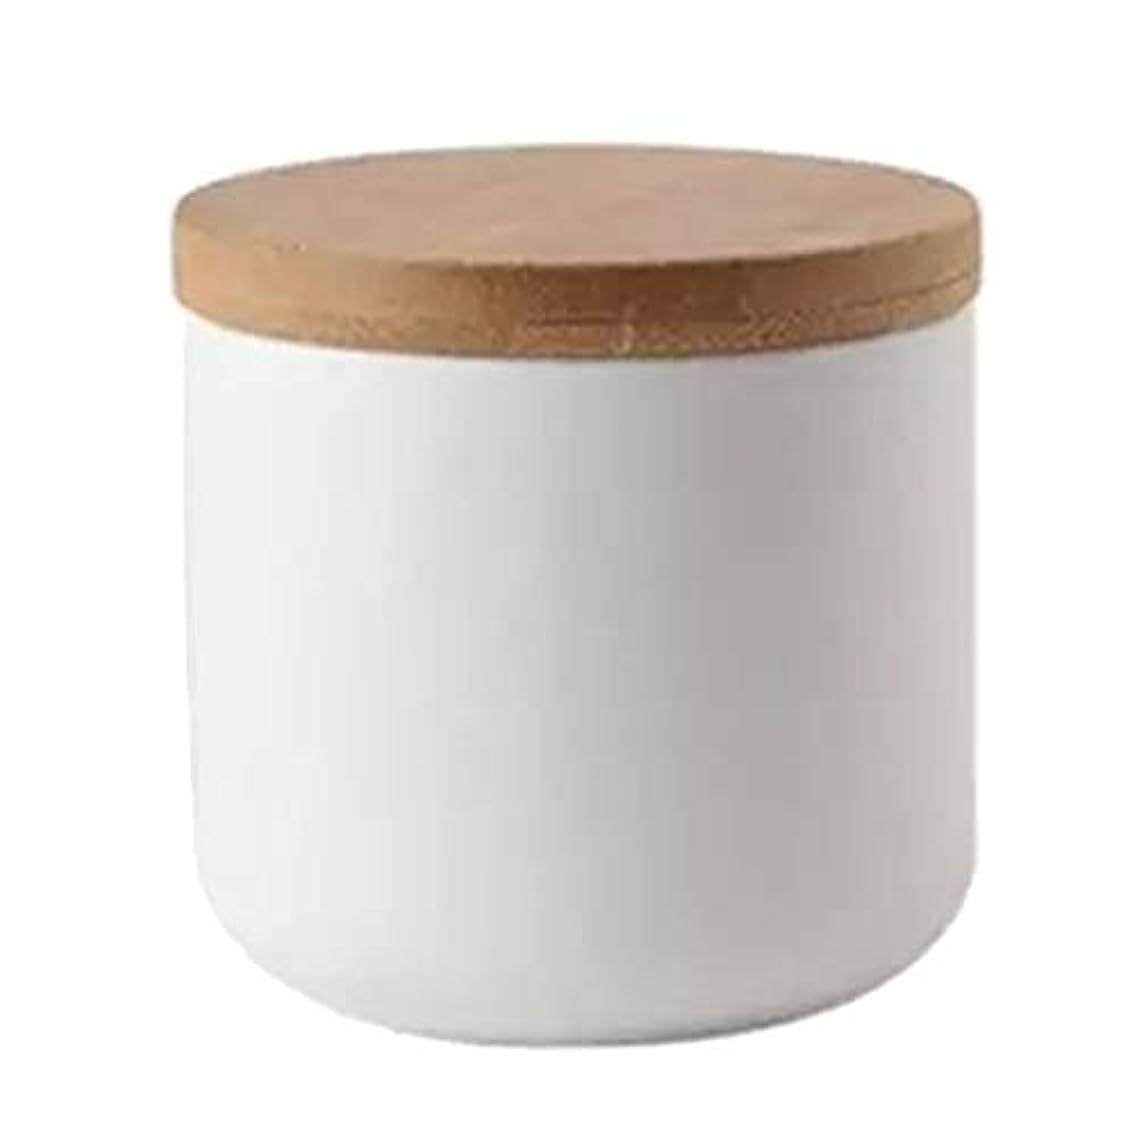 竜巻光沢虎化粧品ポット 収納 ボウル ネイルアートリムーバー アルコール ネイルリキッド パウダー コンテナ 全2色 - 白い